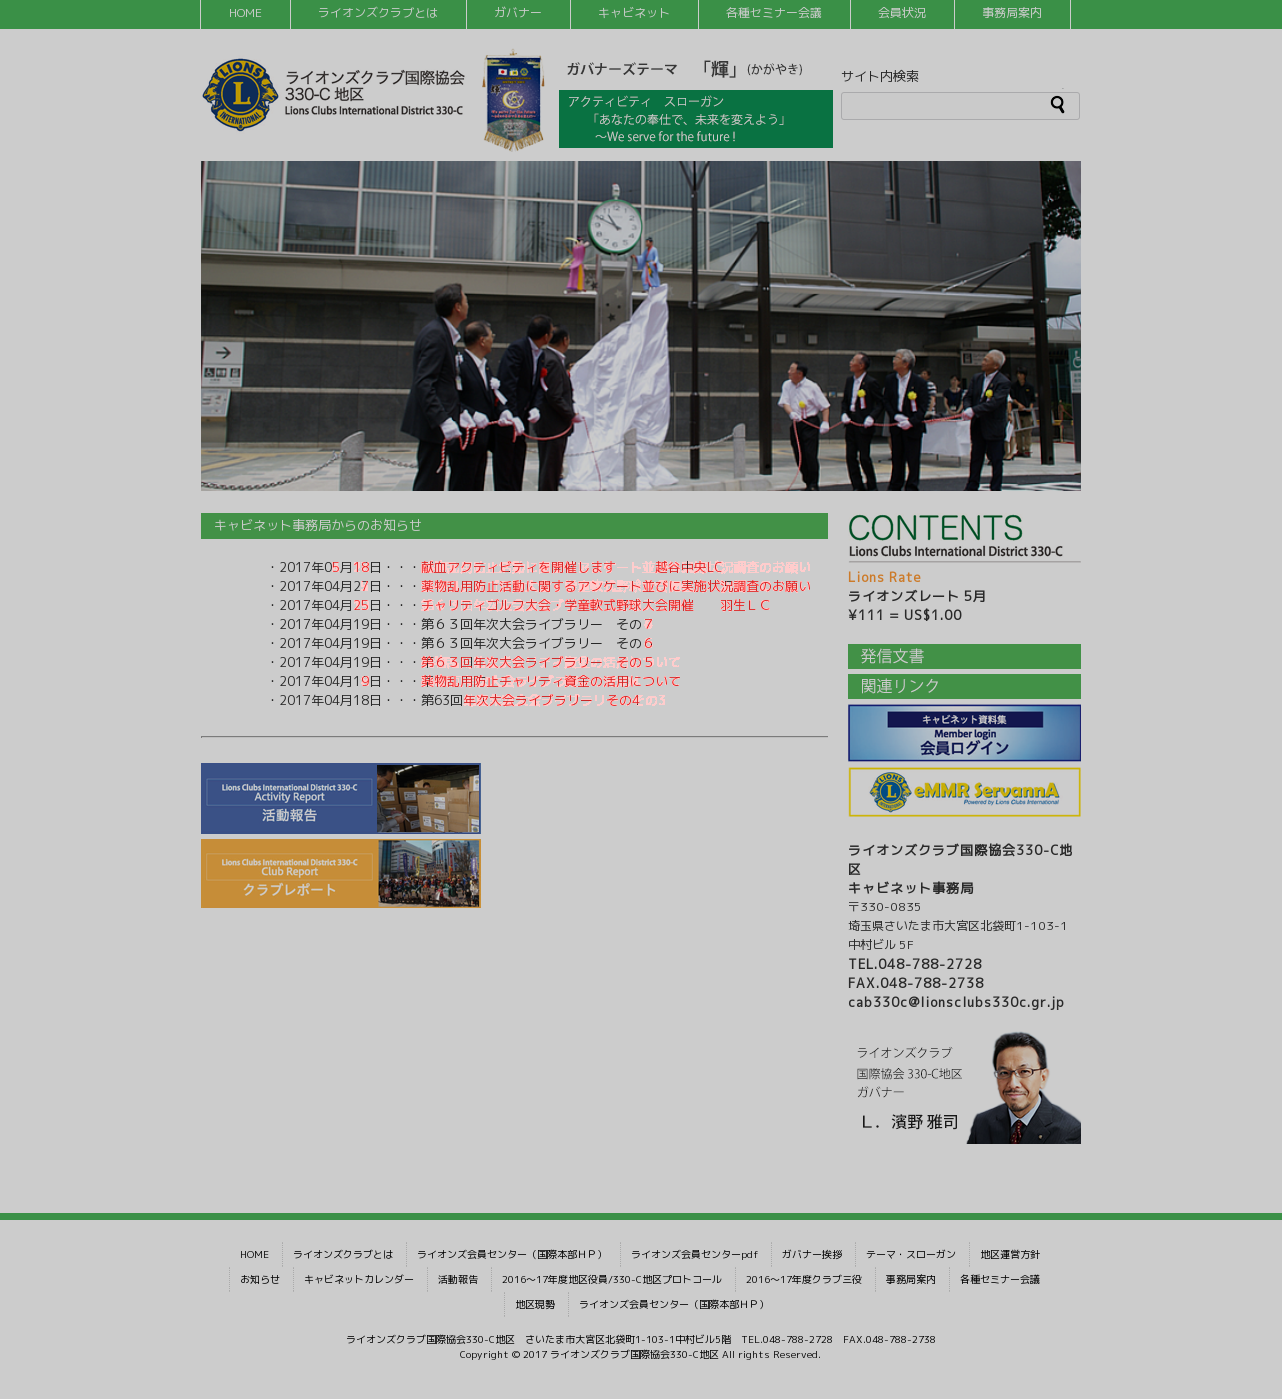 ホームページの改ざん検知:イーレンジャー株式会社